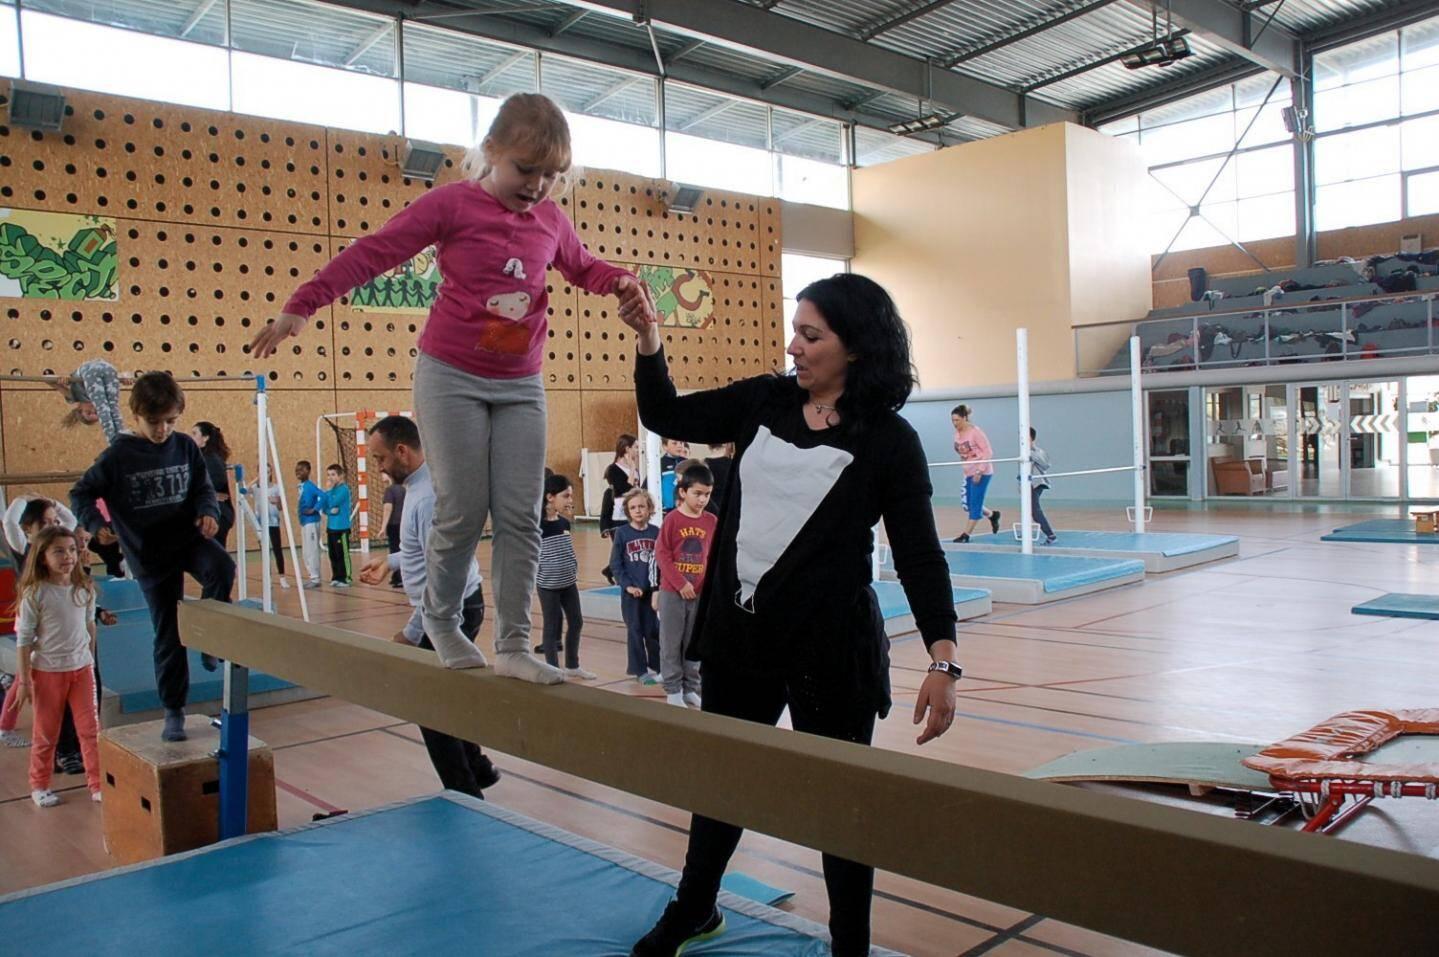 À la poutre, discipline réservée aux filles, il est surtout question d'équilibre et de souplesse.